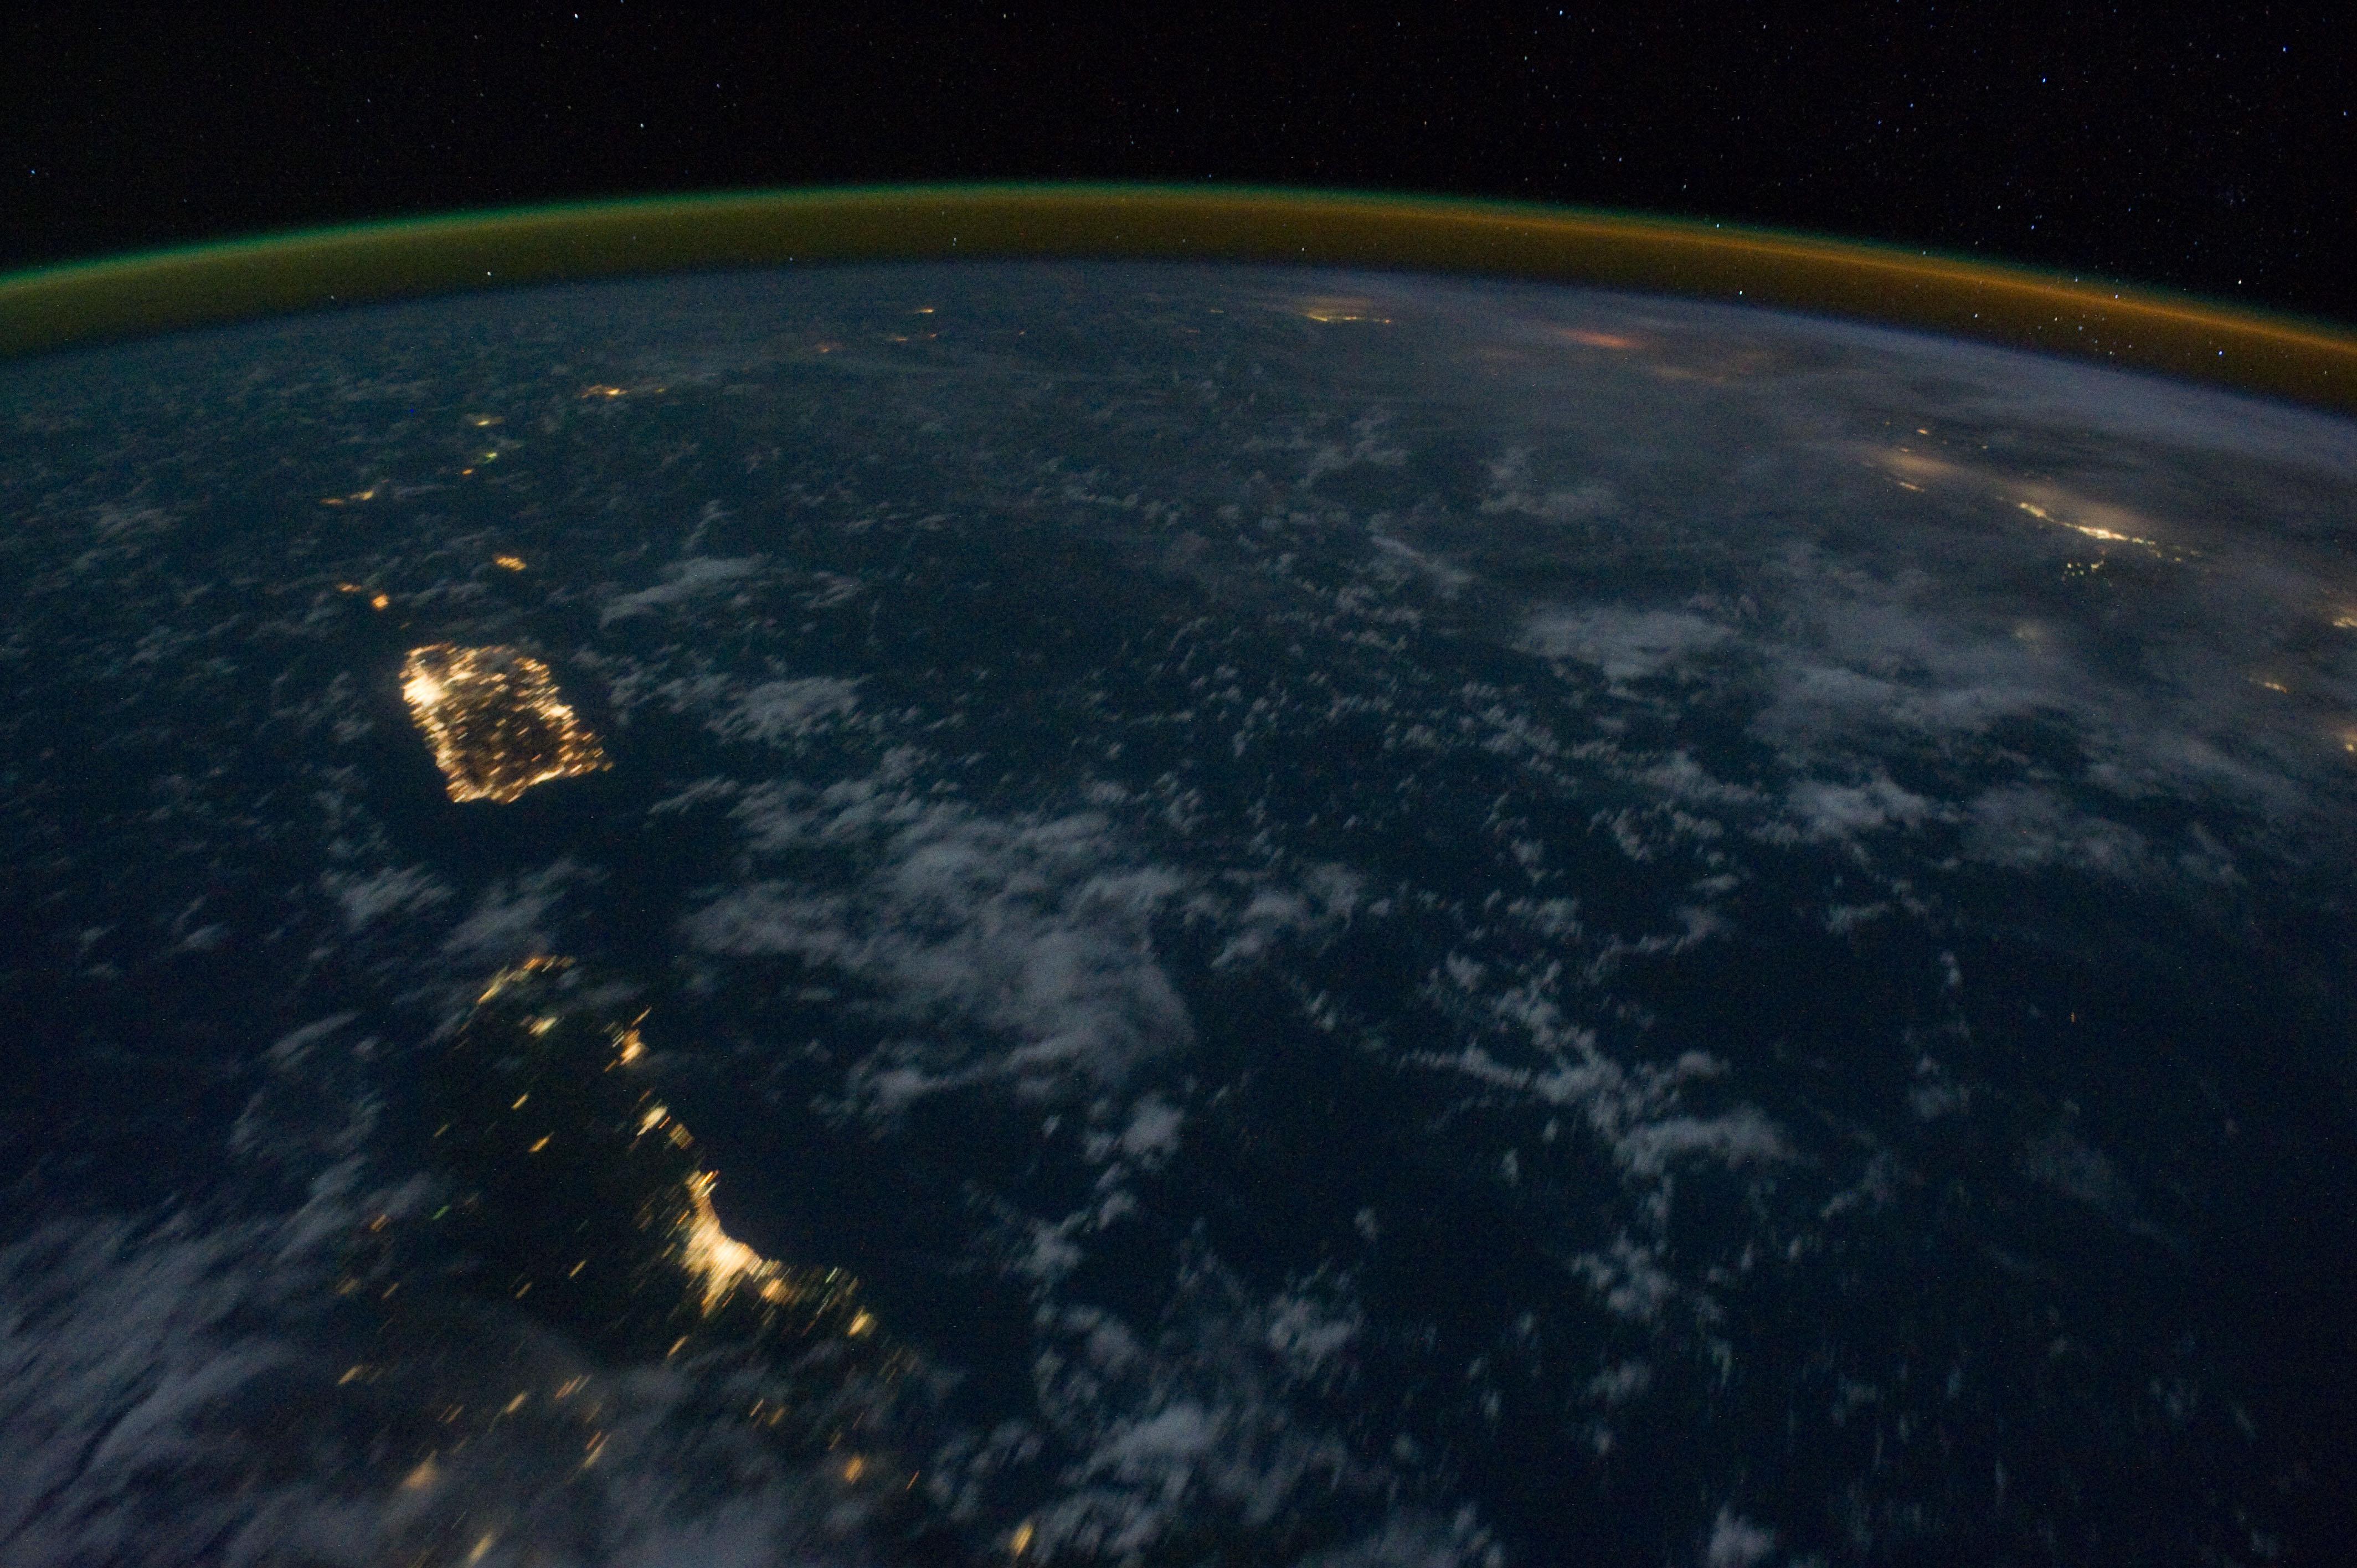 nasa world at night - photo #24